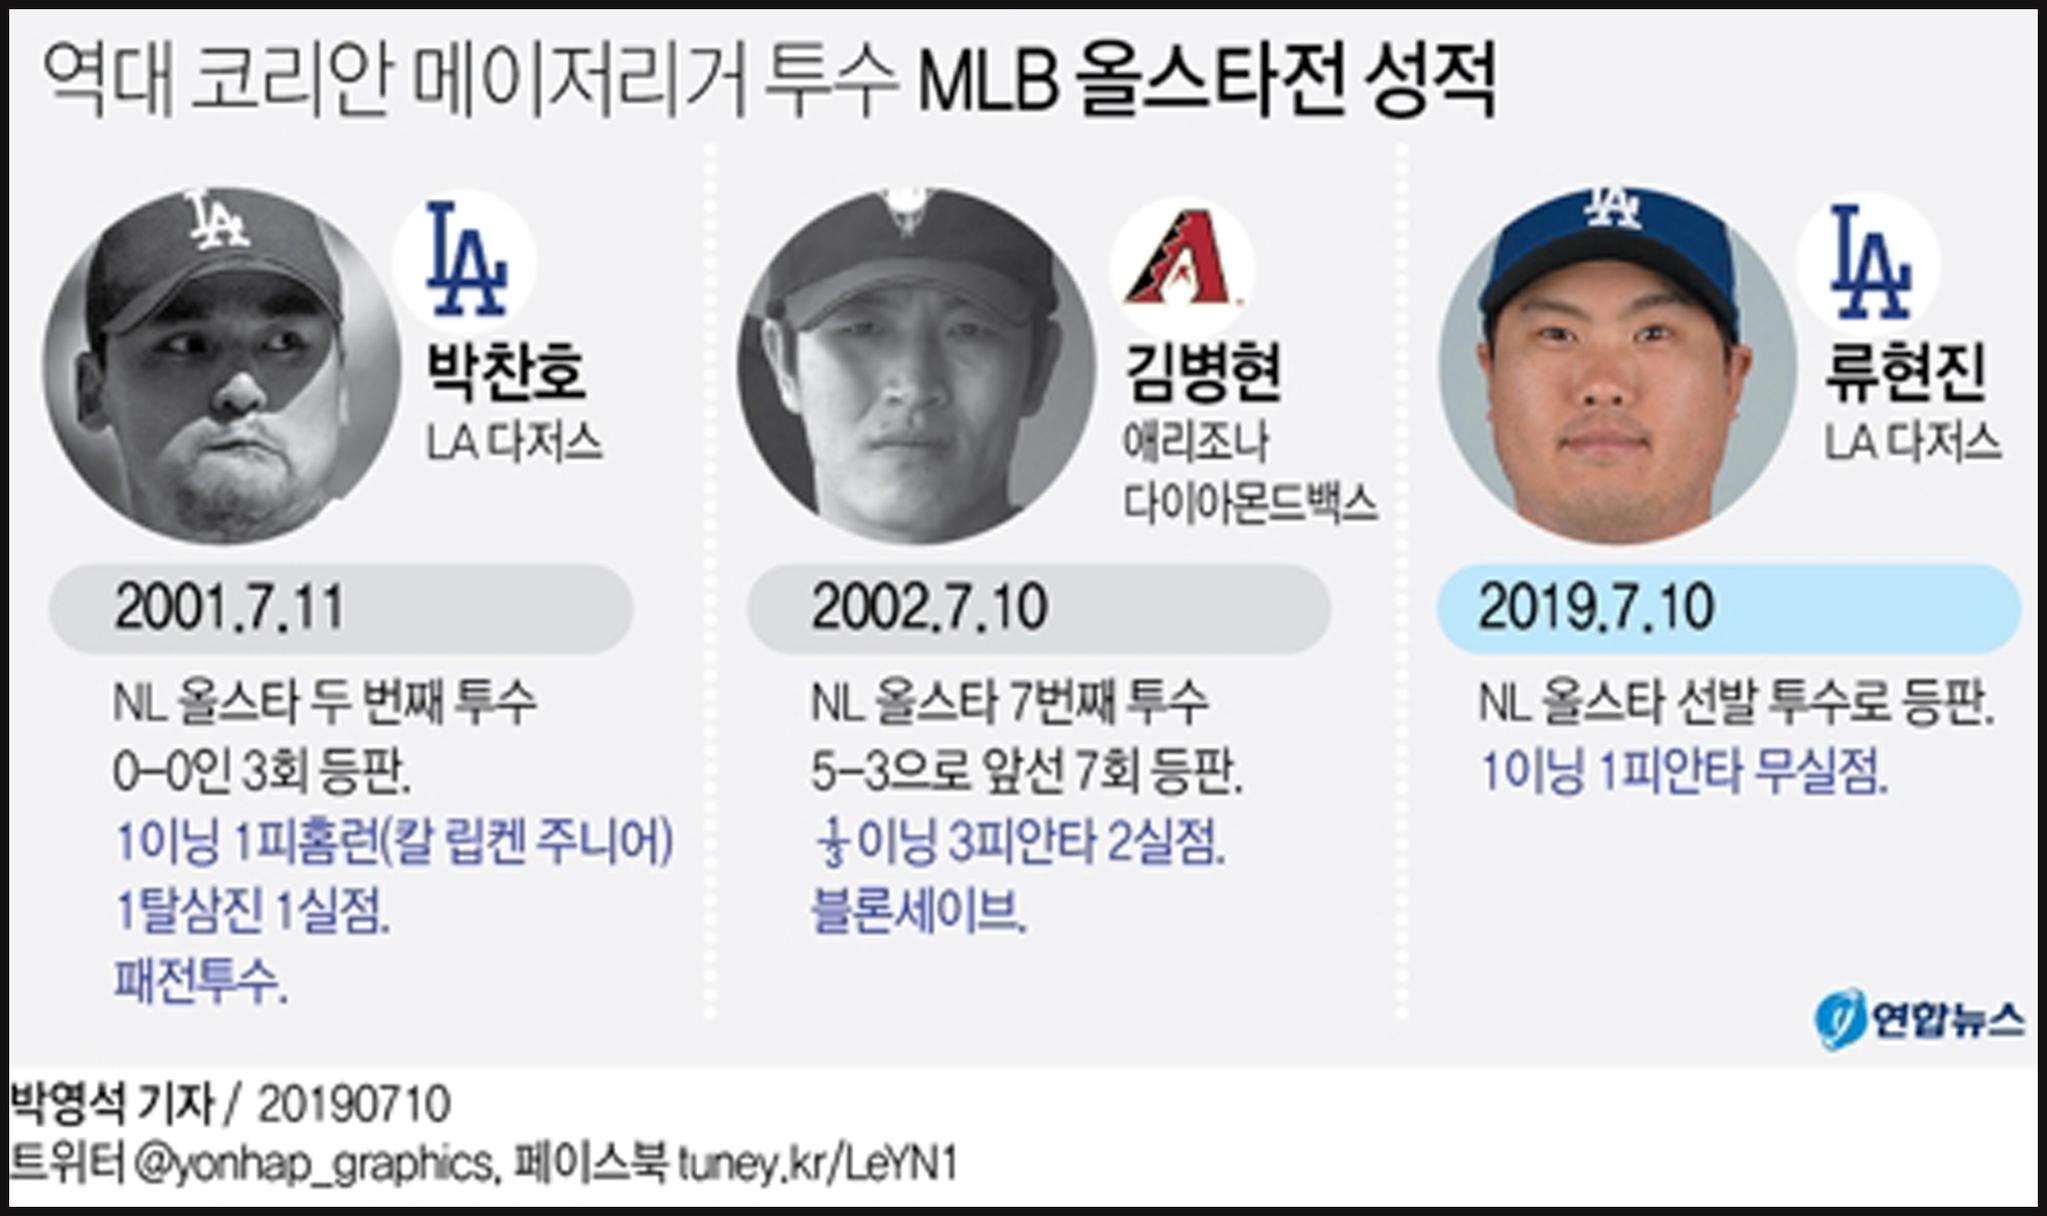 역대 코리안 메이저리거 투수 MLB 올스타전 성적 그래픽. [연합뉴스]